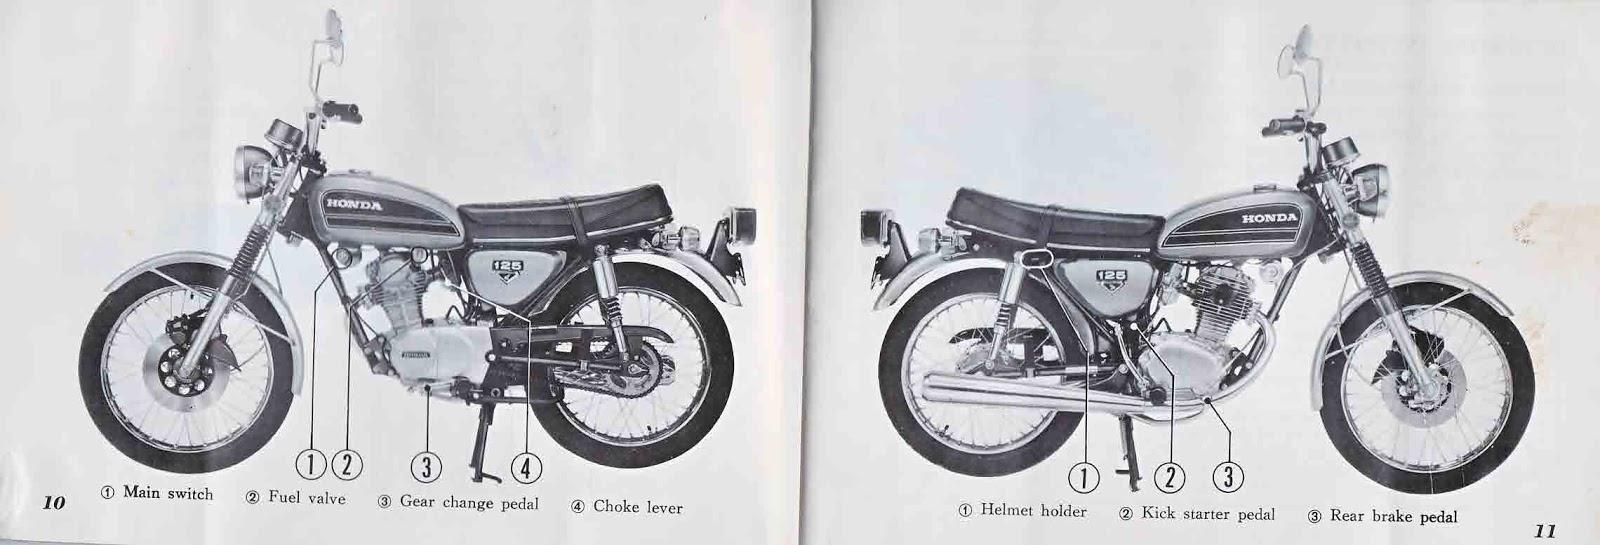 ob1 repairs  honda cb125s owner u0026 39 s manual